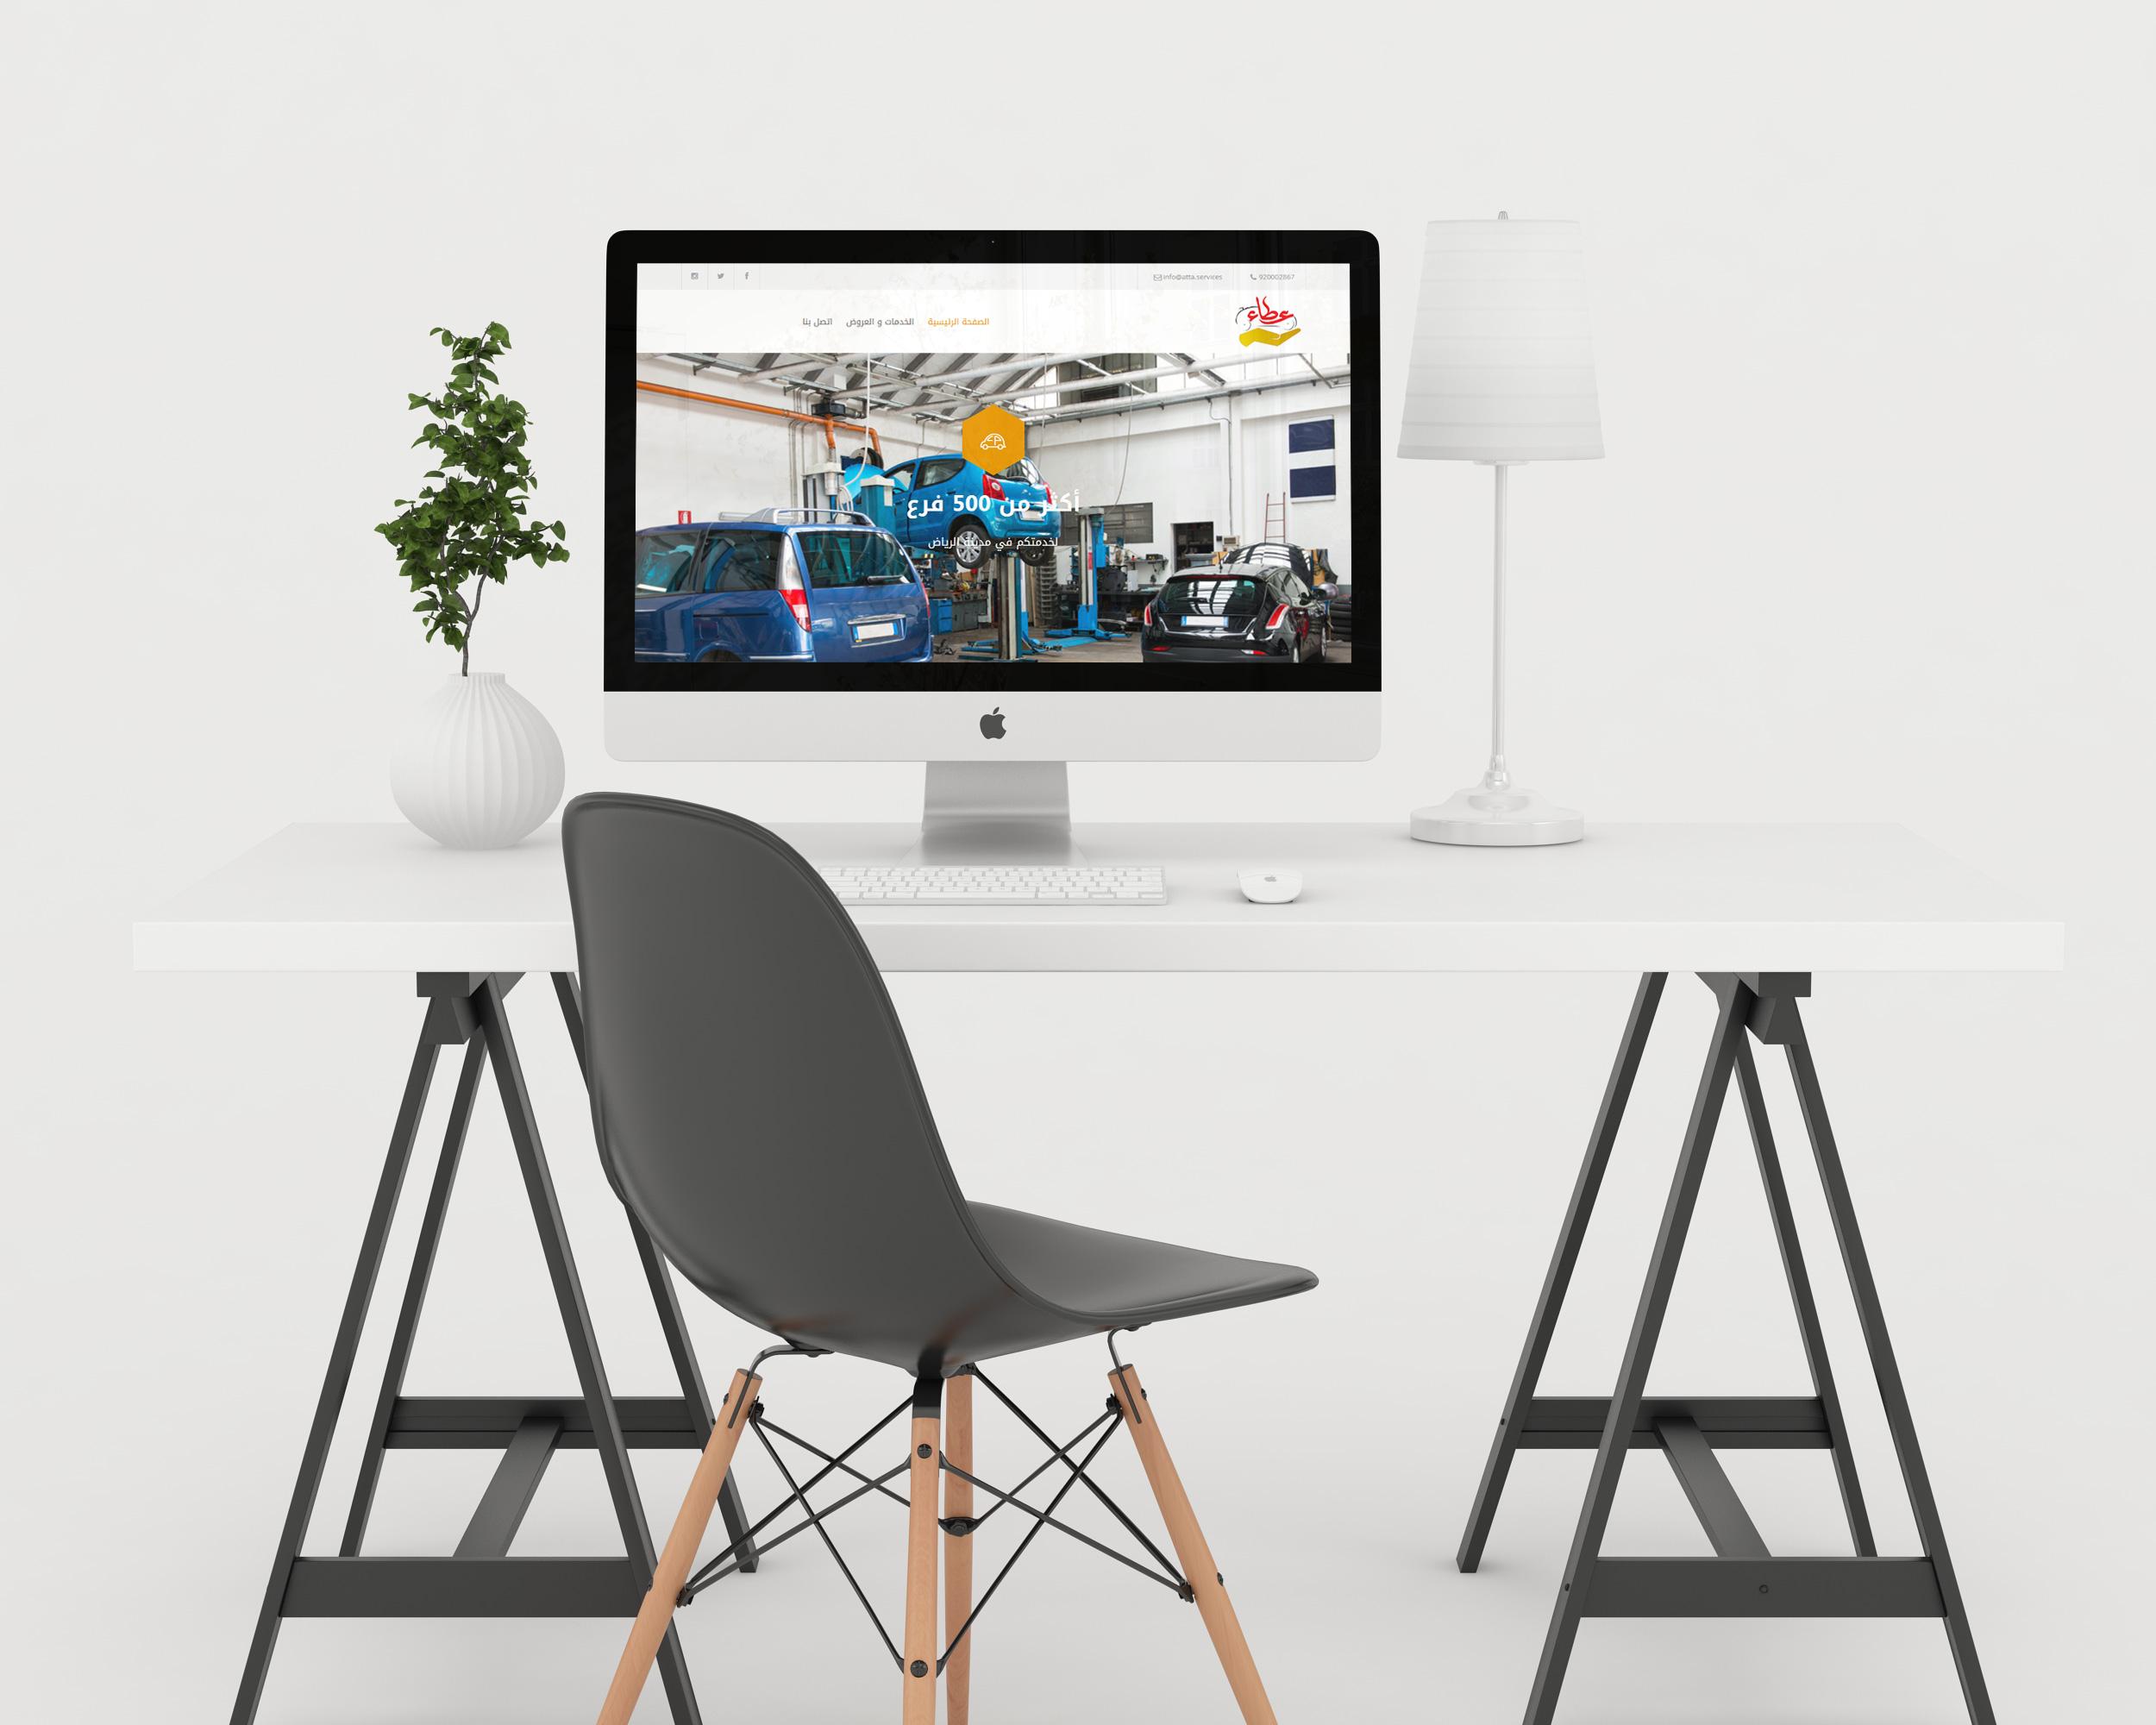 website deisgn for atta car services company